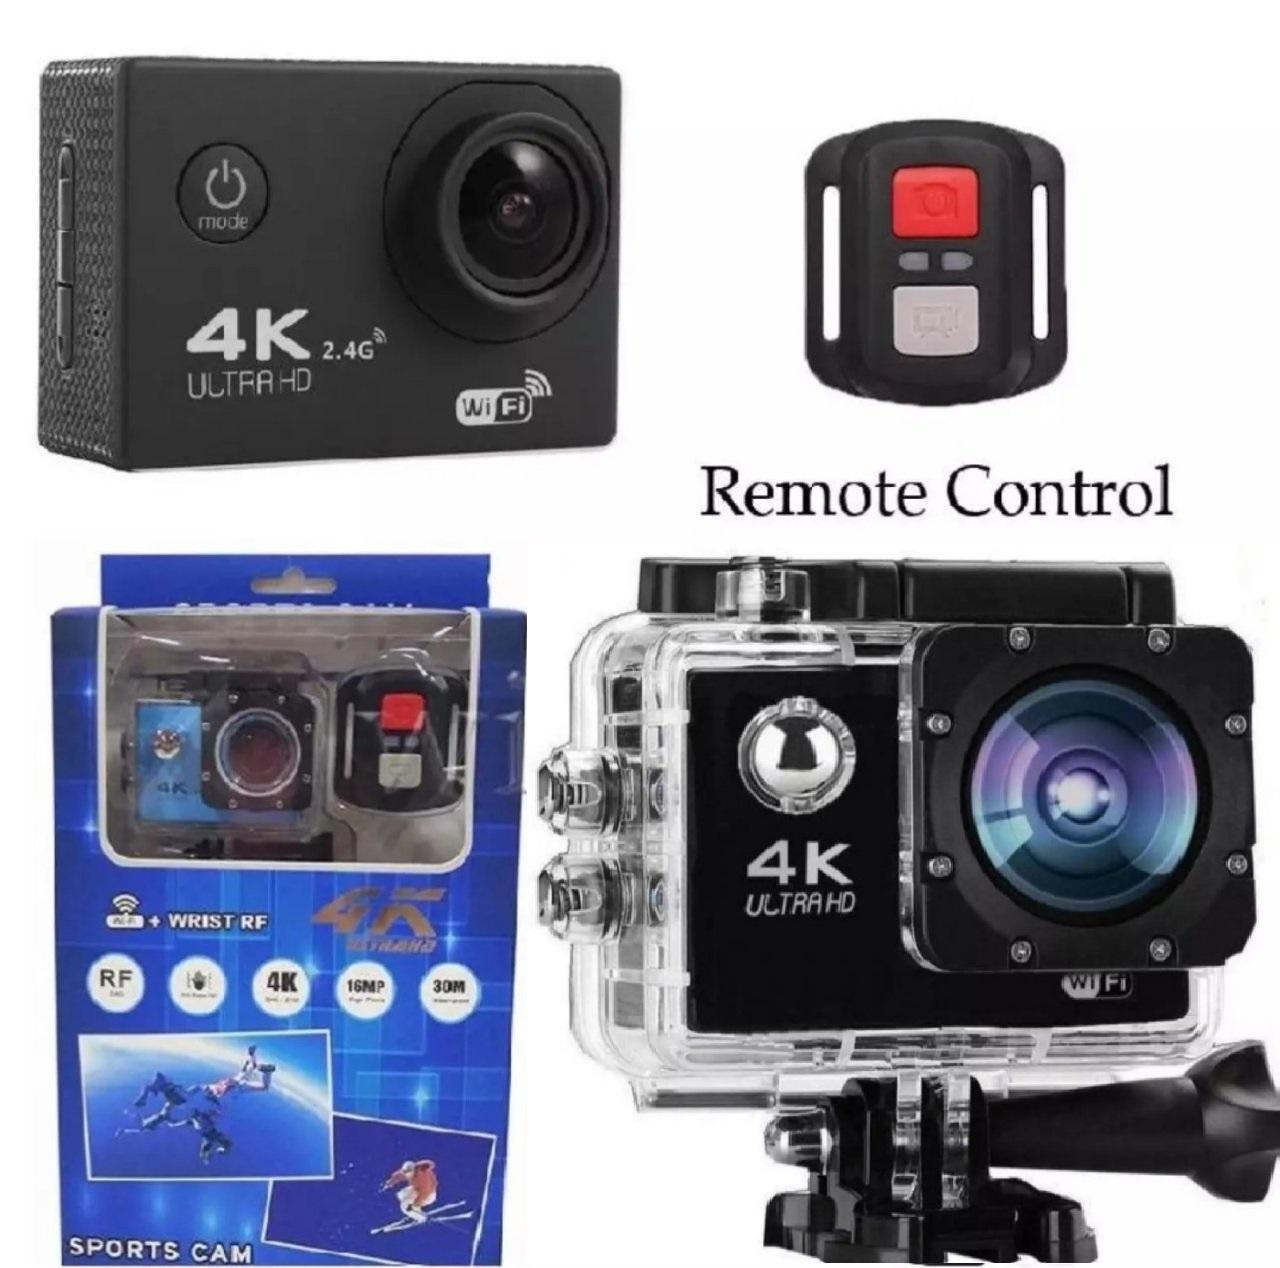 Camera hành trình 4K  phát Wf kết nối xem trên điện thoại , kèm điều khiển từ xa (remote) tặng kèm pin sơ cua 900mAh Nhật Bản